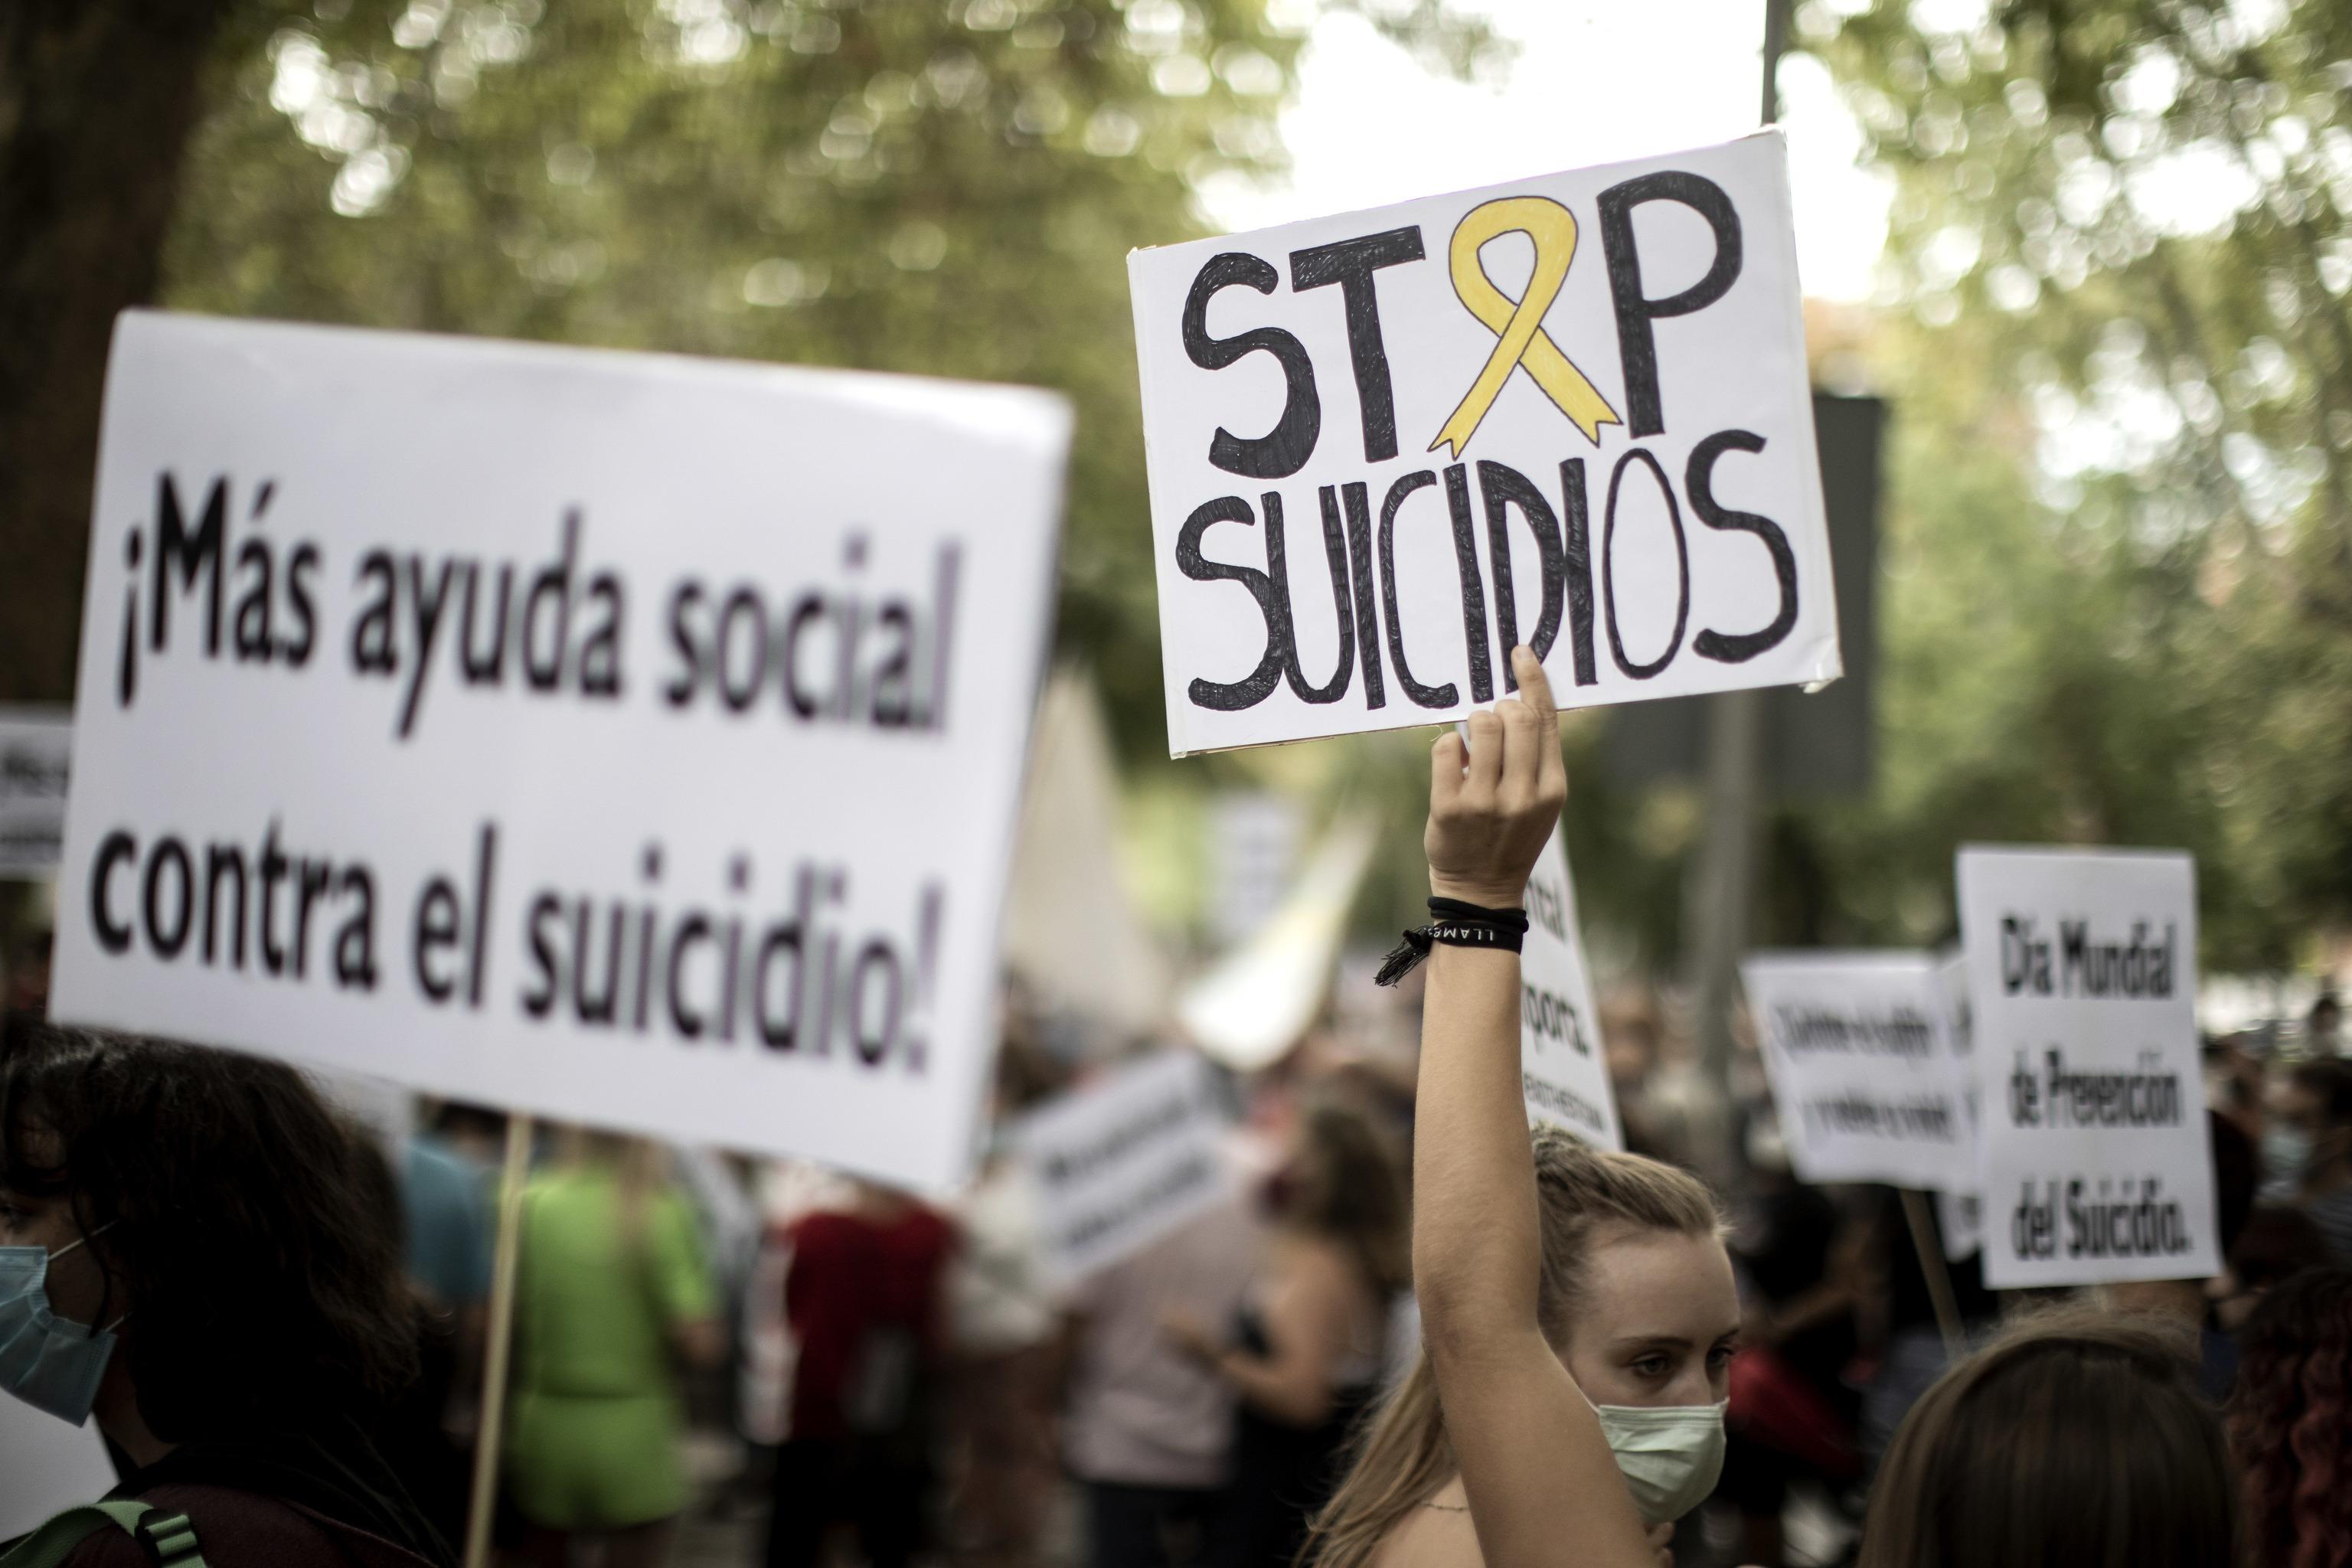 Manifestation à Madrid pour demander plus de moyens contre le suicide.